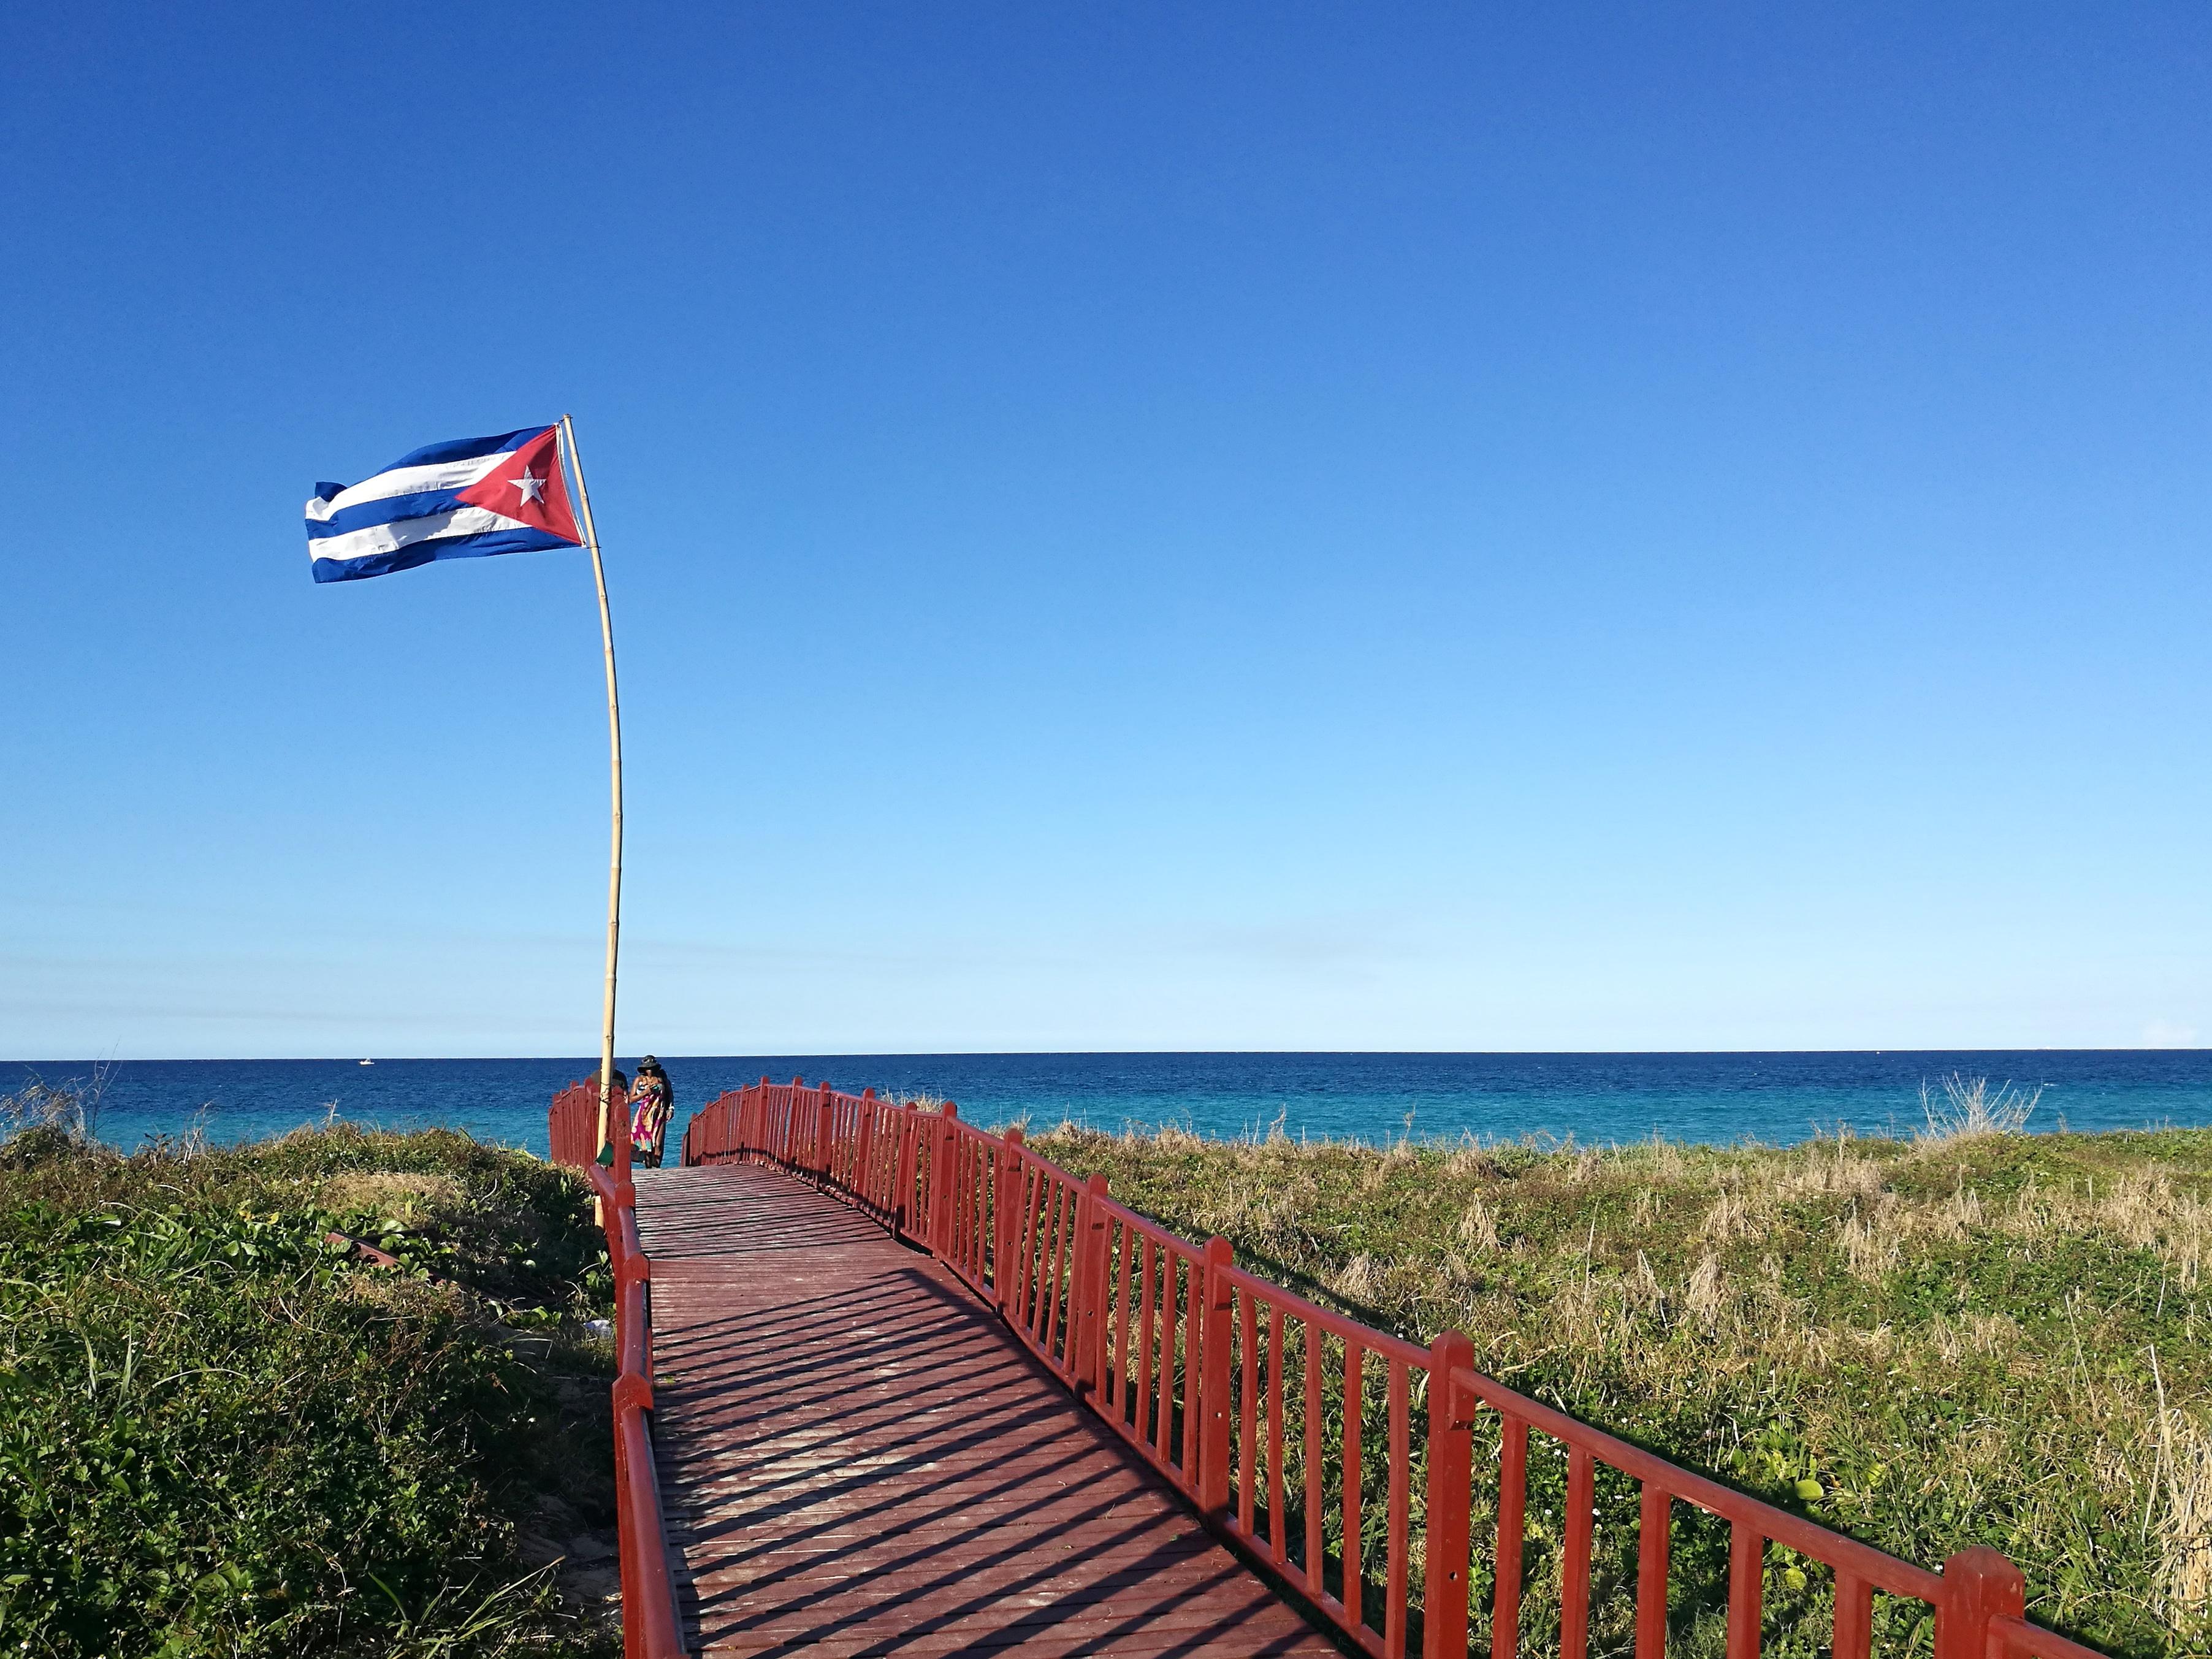 Playa del Este, Havana, Cuba